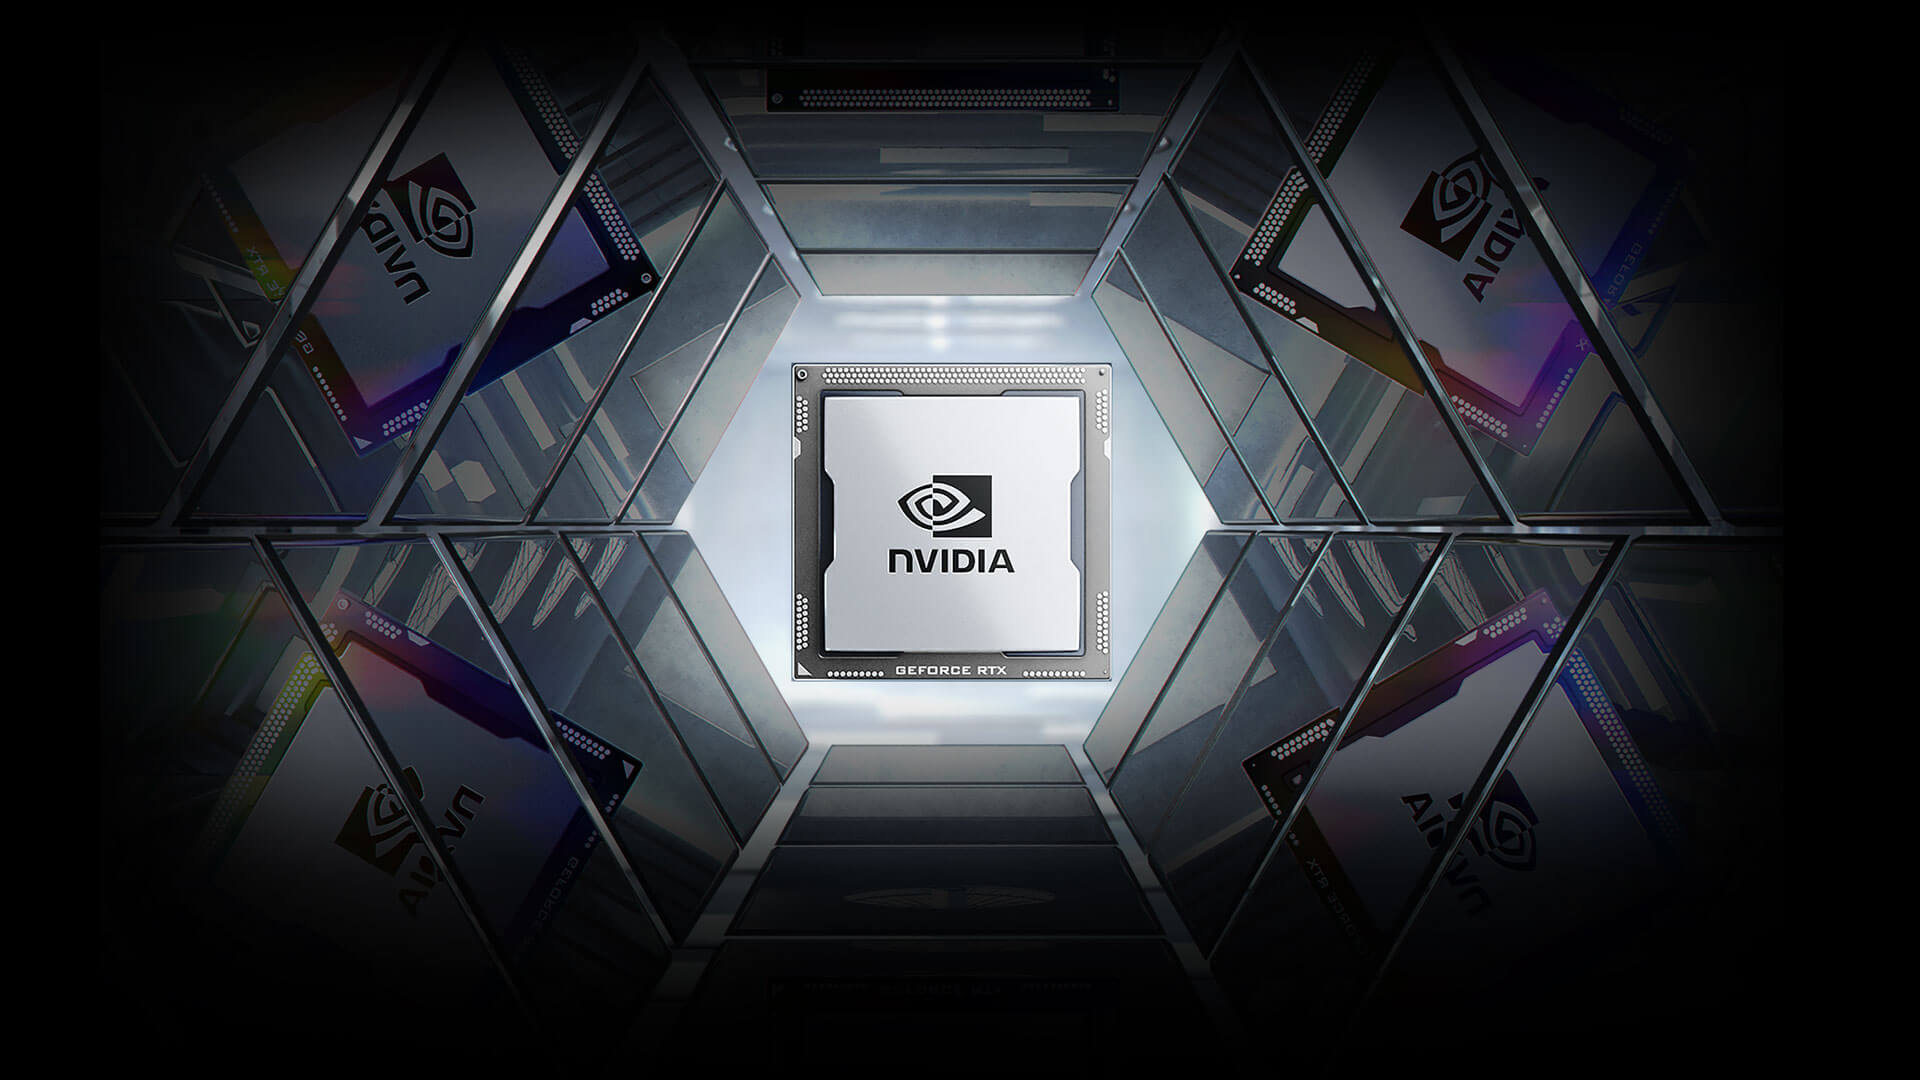 СМИ: в сеть утекли характеристики новых видеокарт от Nvidia RTX 3080 и RTX 3070